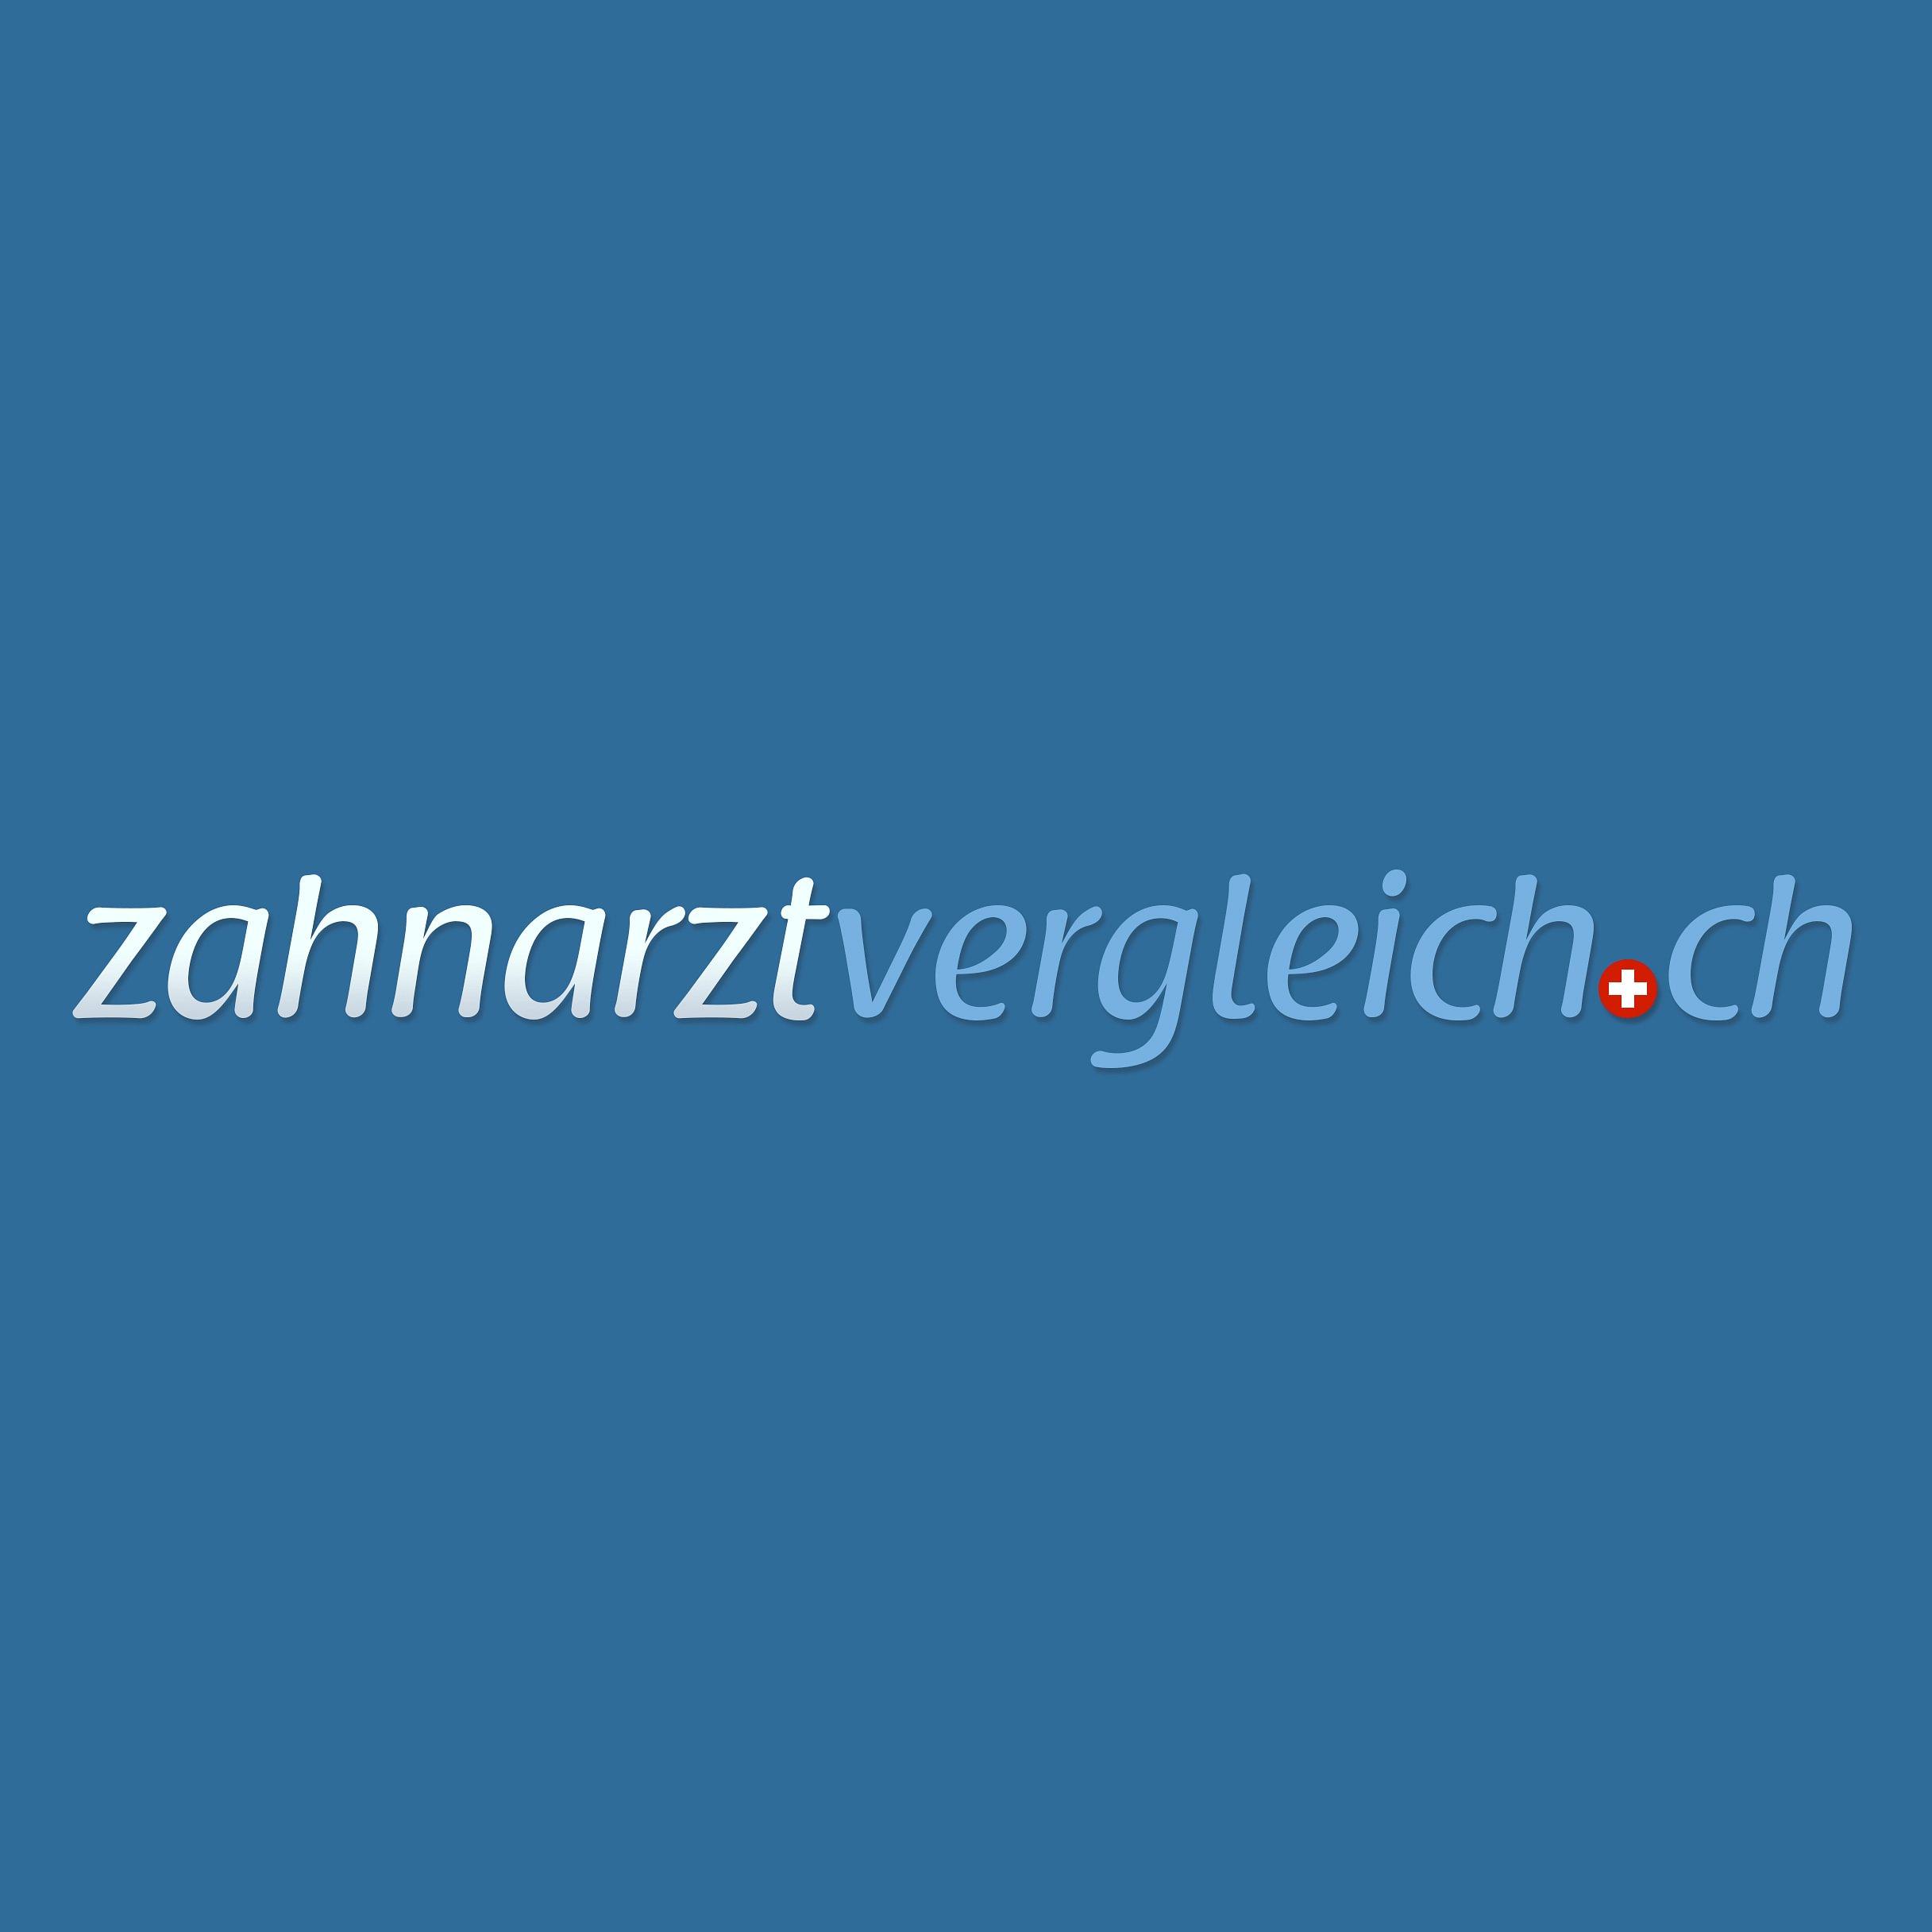 Zahnarztvergleich.ch